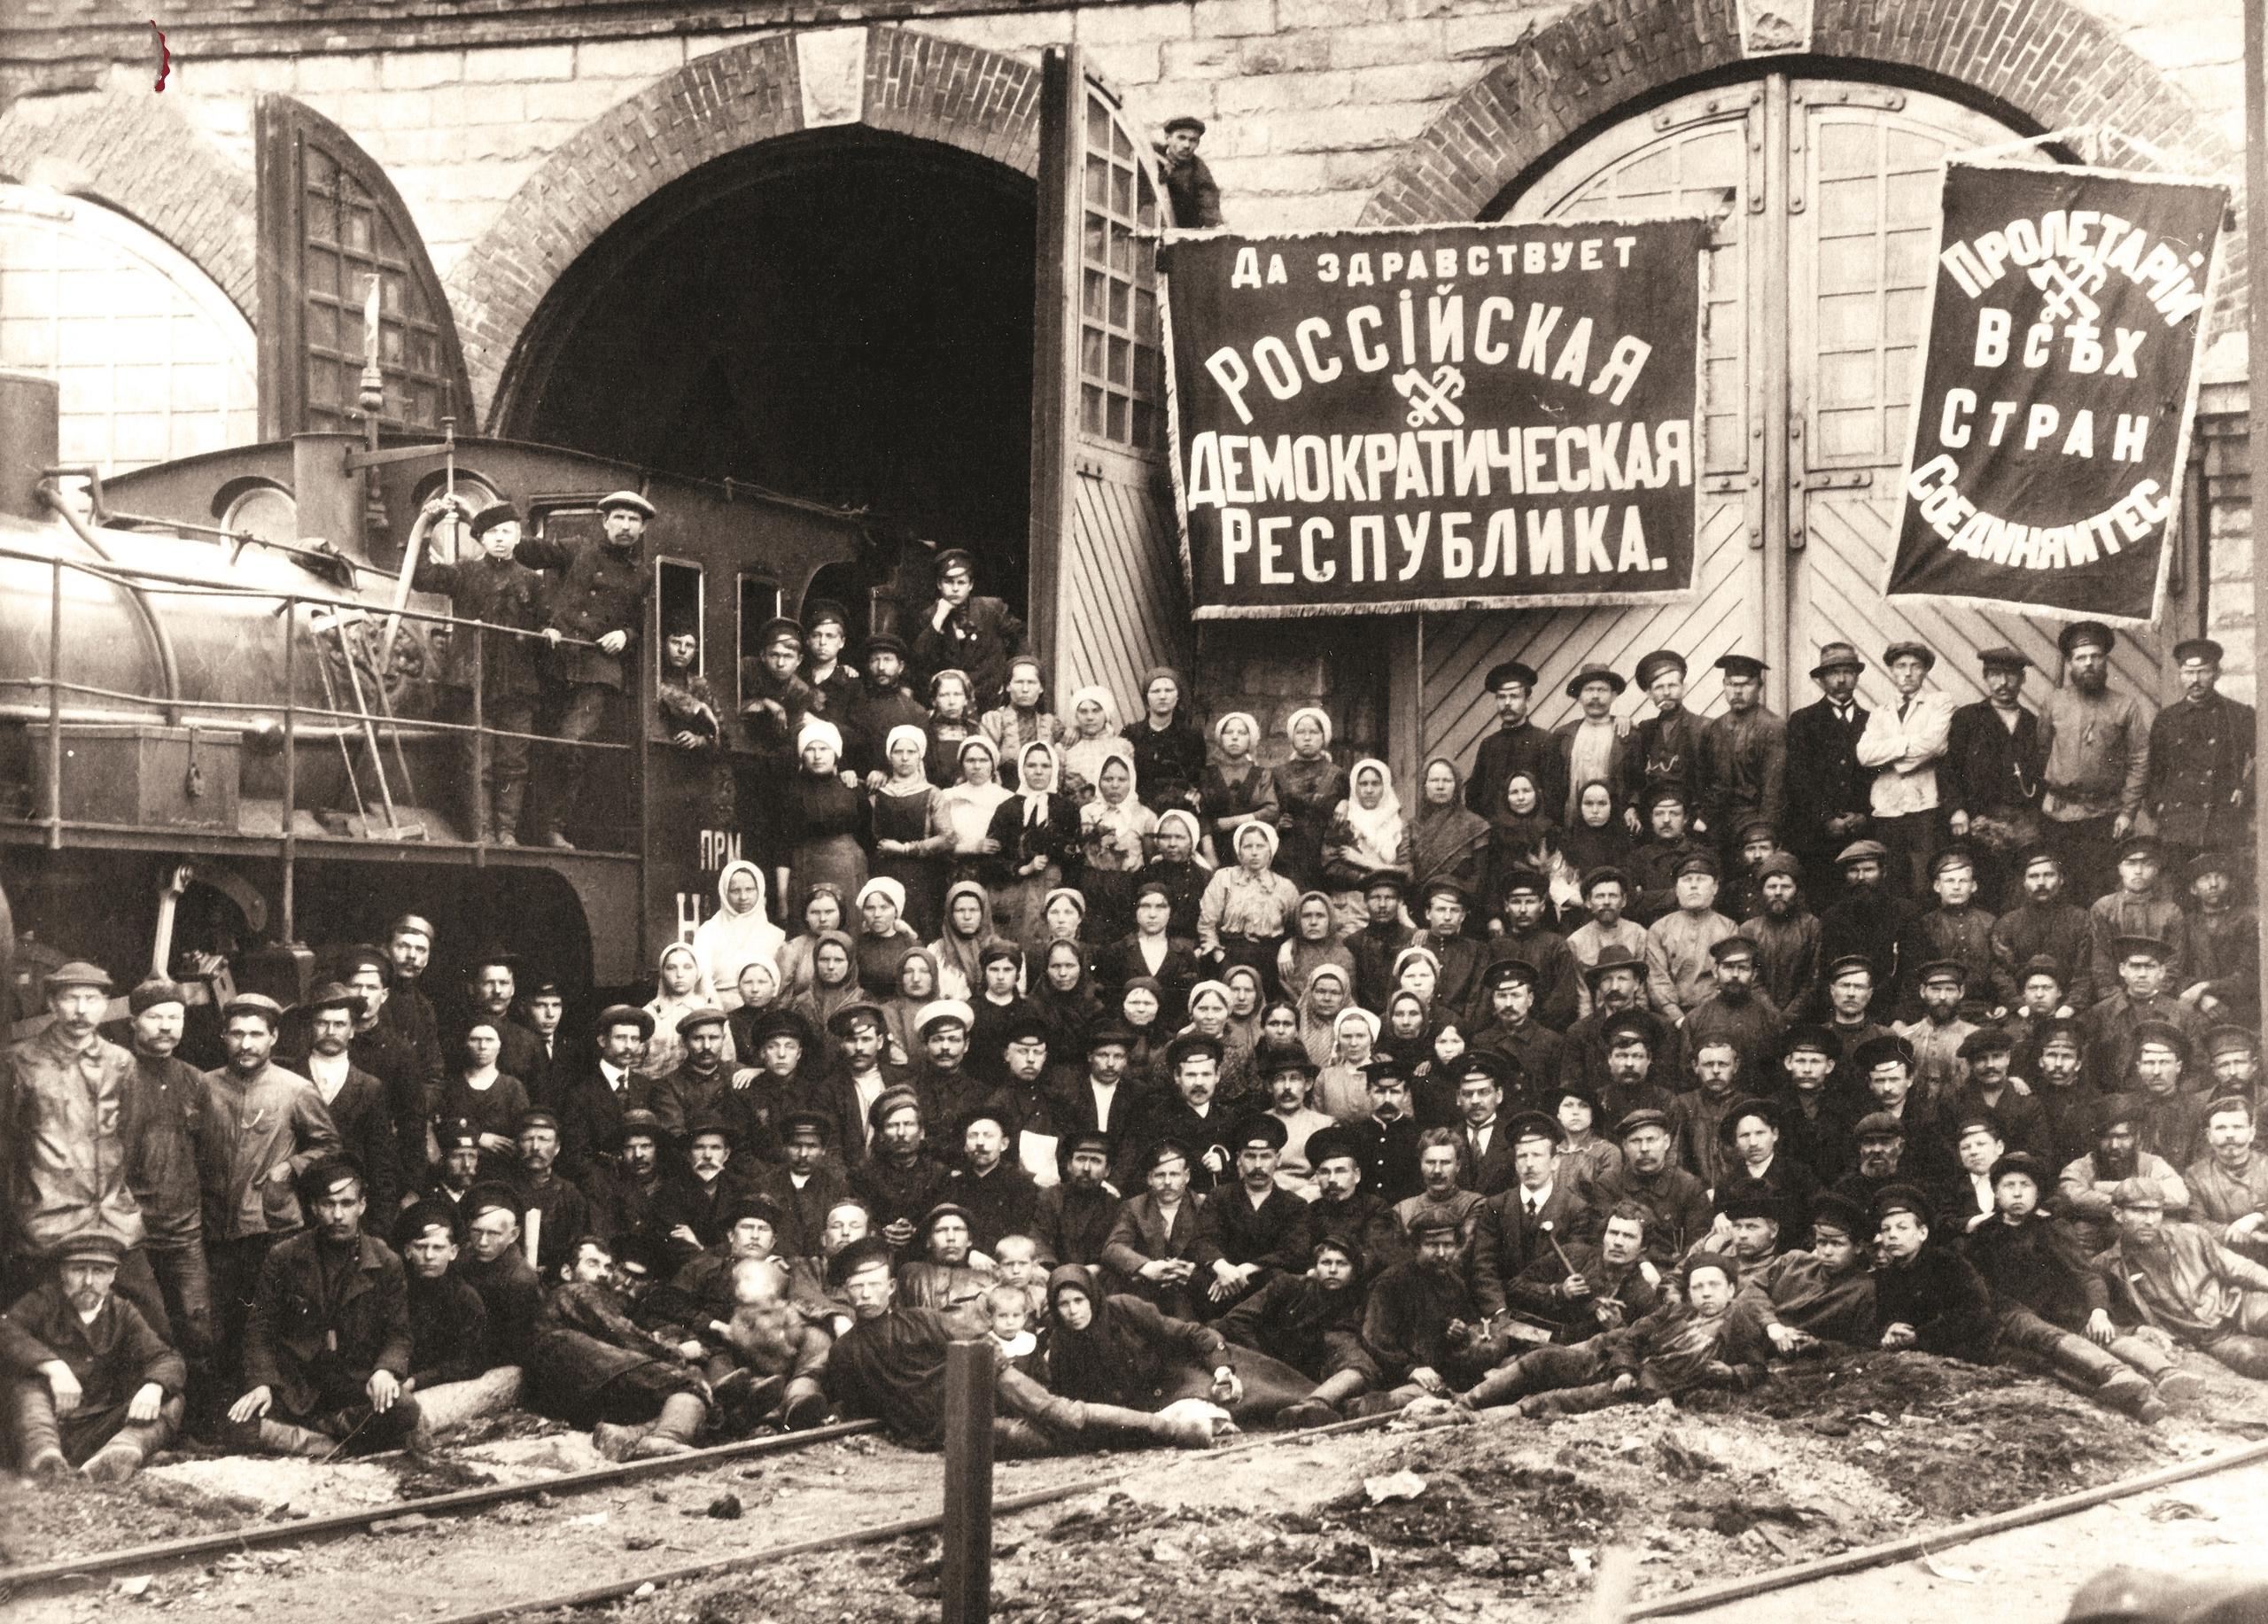 Рабочие и служащие Пермских железнодорожных мастерских. 1 сентября 1917